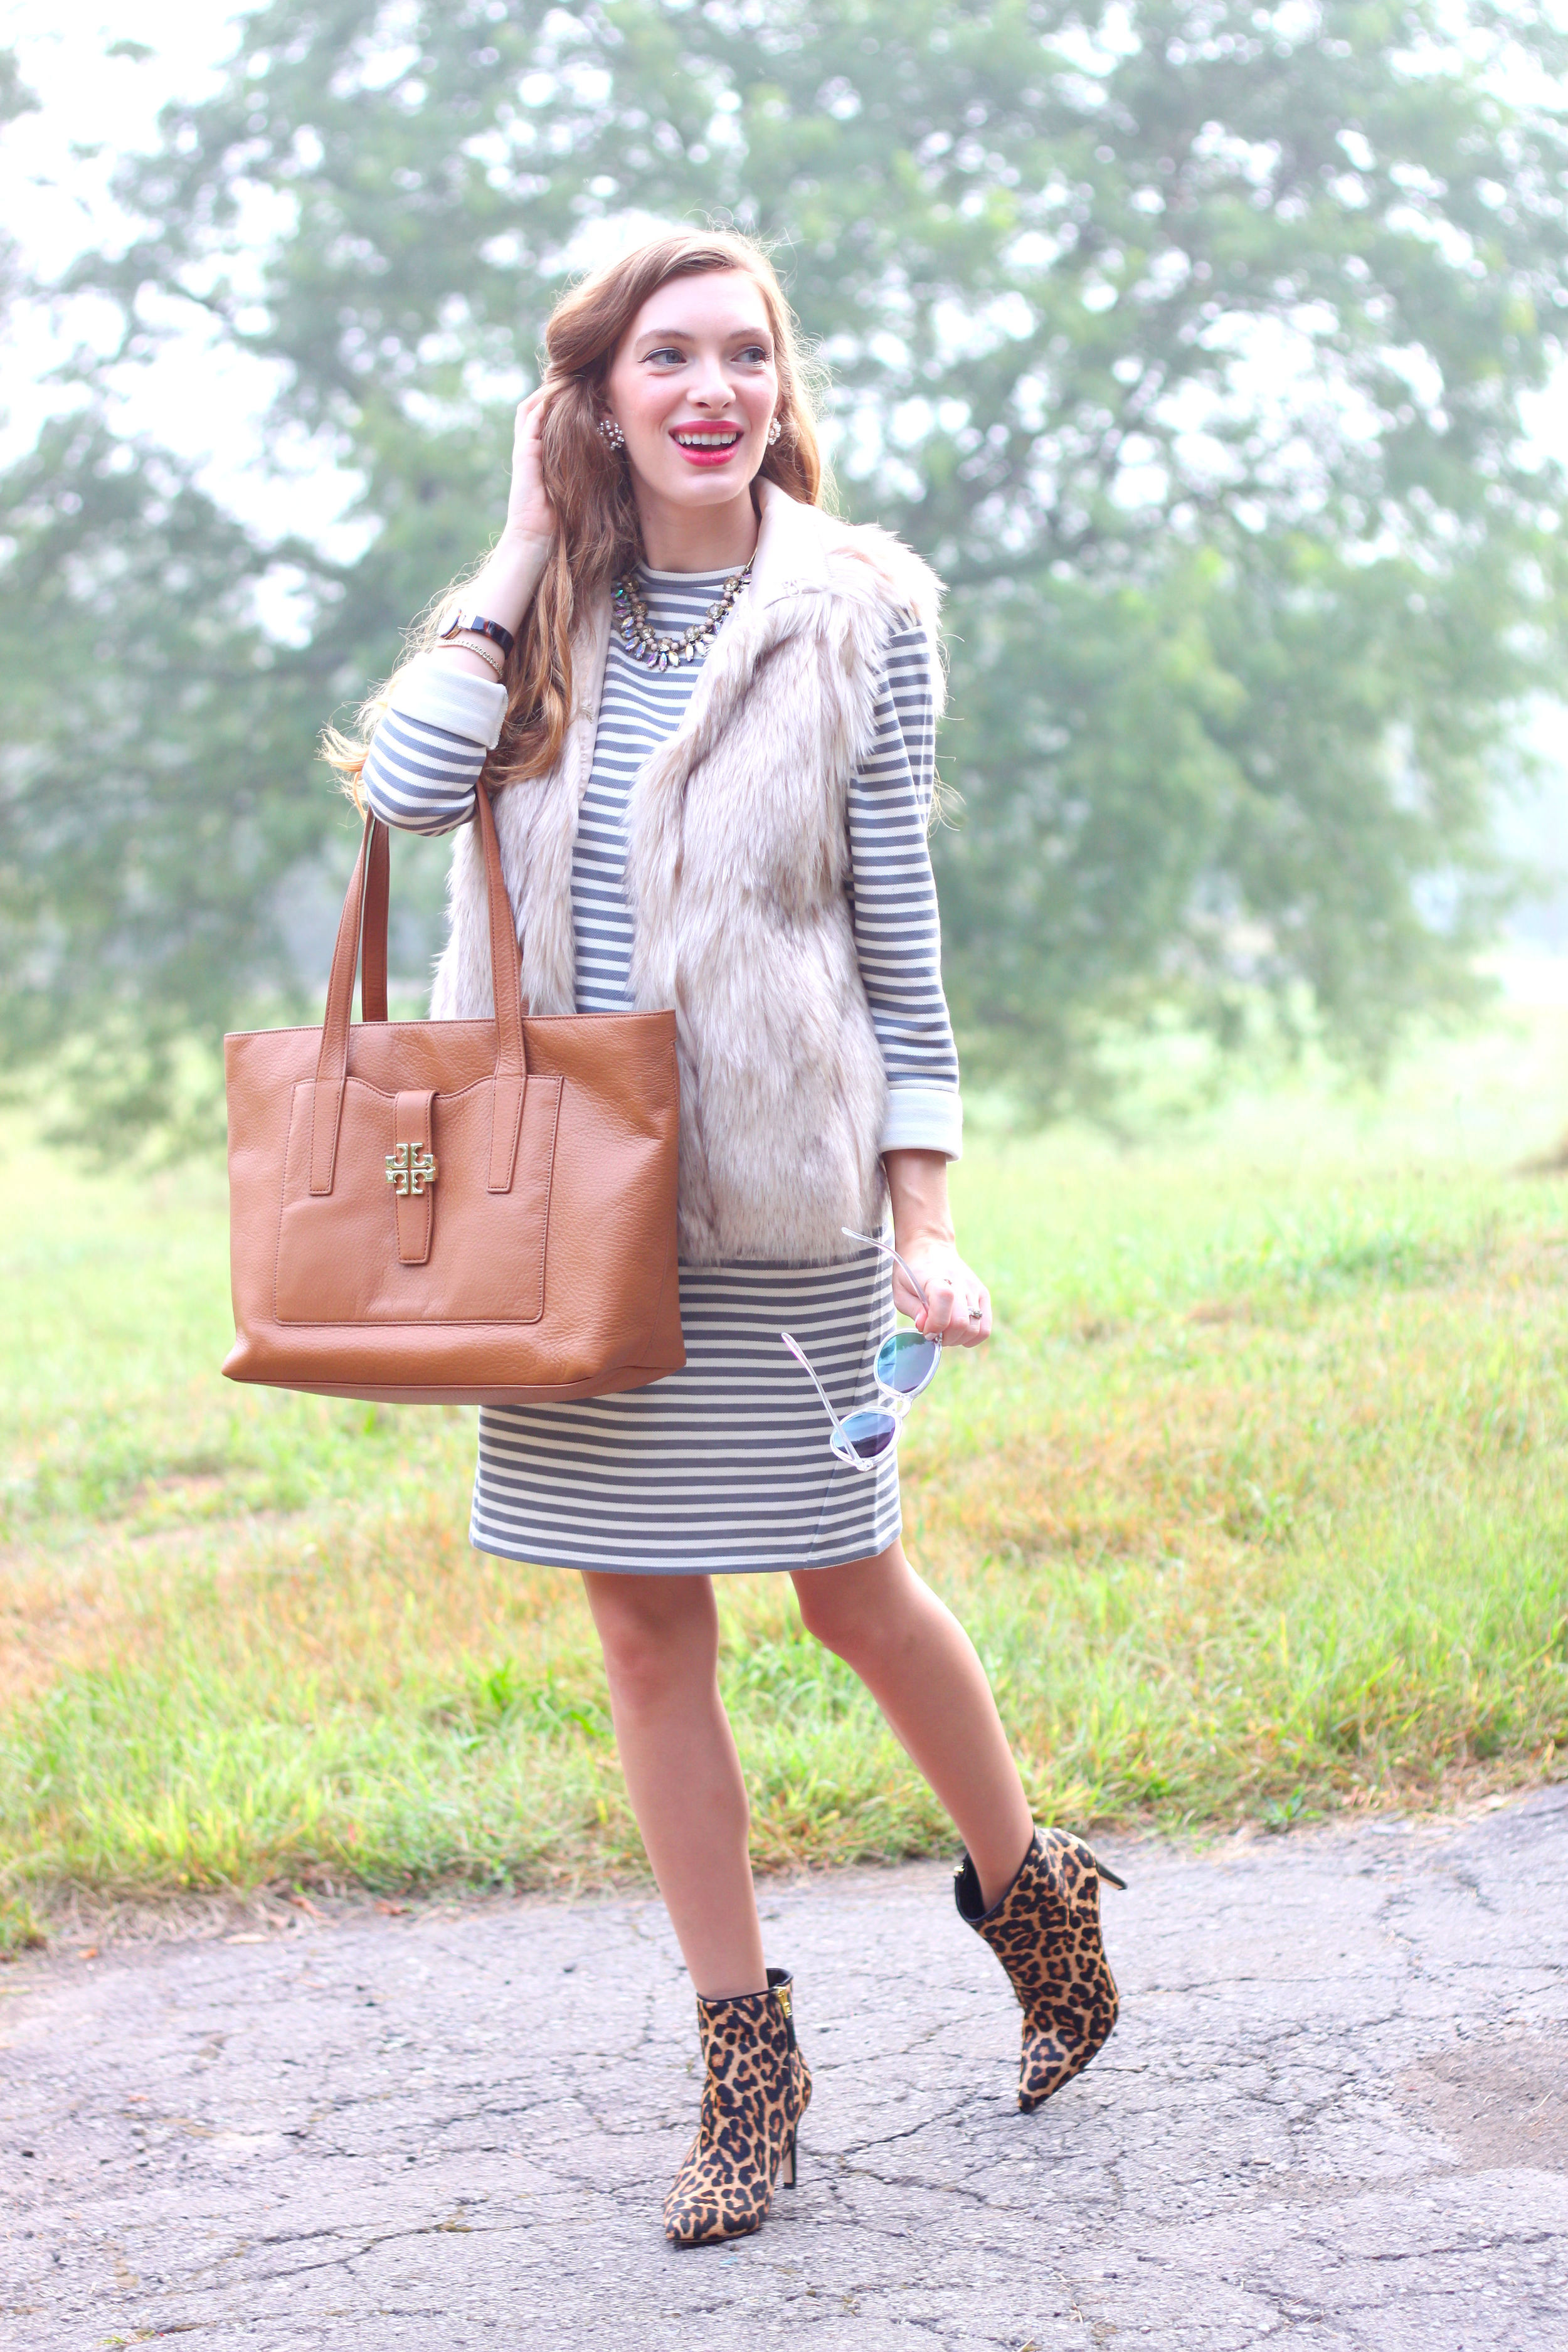 Leopard and Stripes- Enchanting Elegance